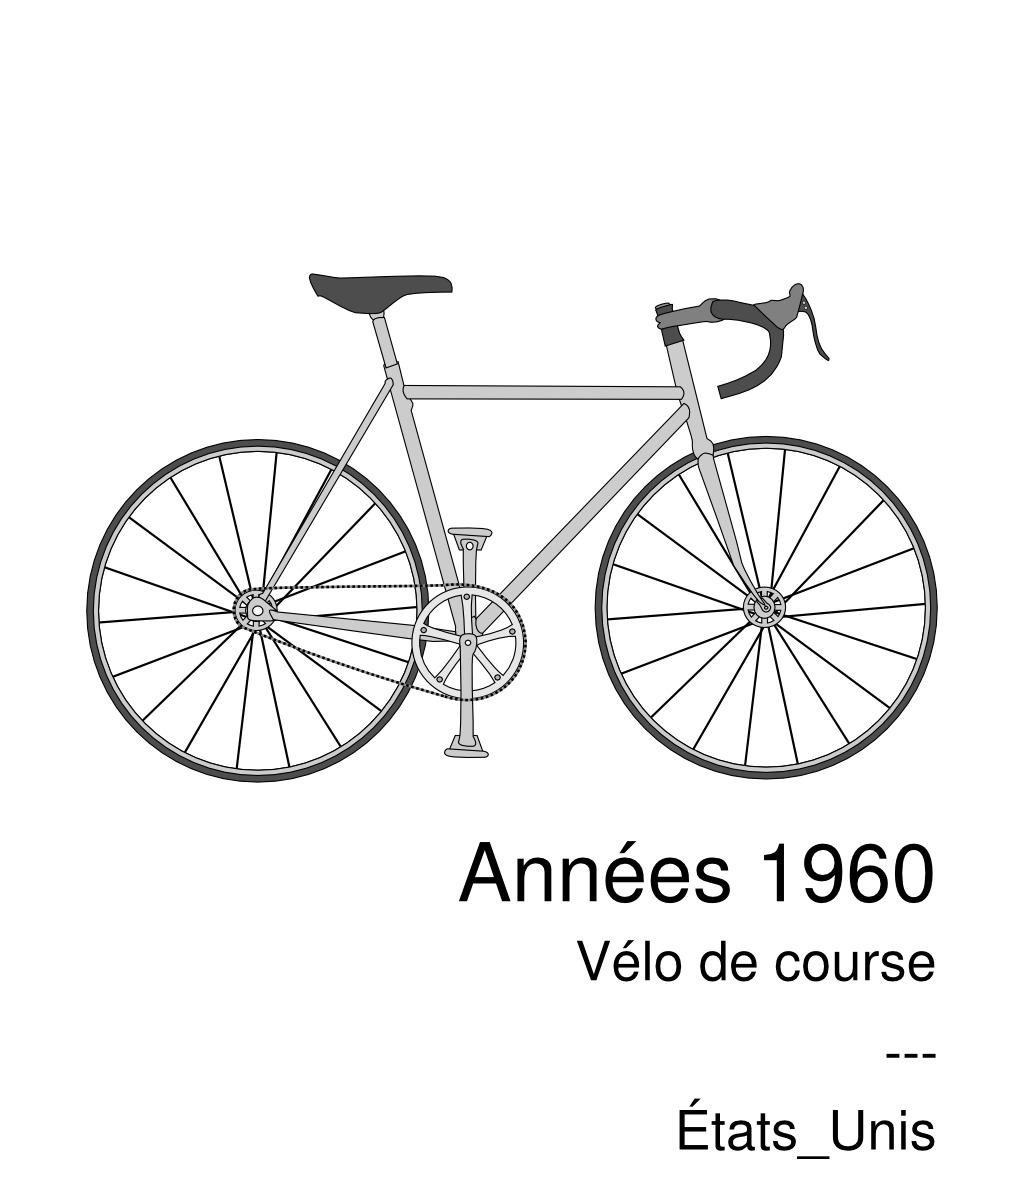 Abri Public Sncf Pour Vélos Source Http Data Abuledu